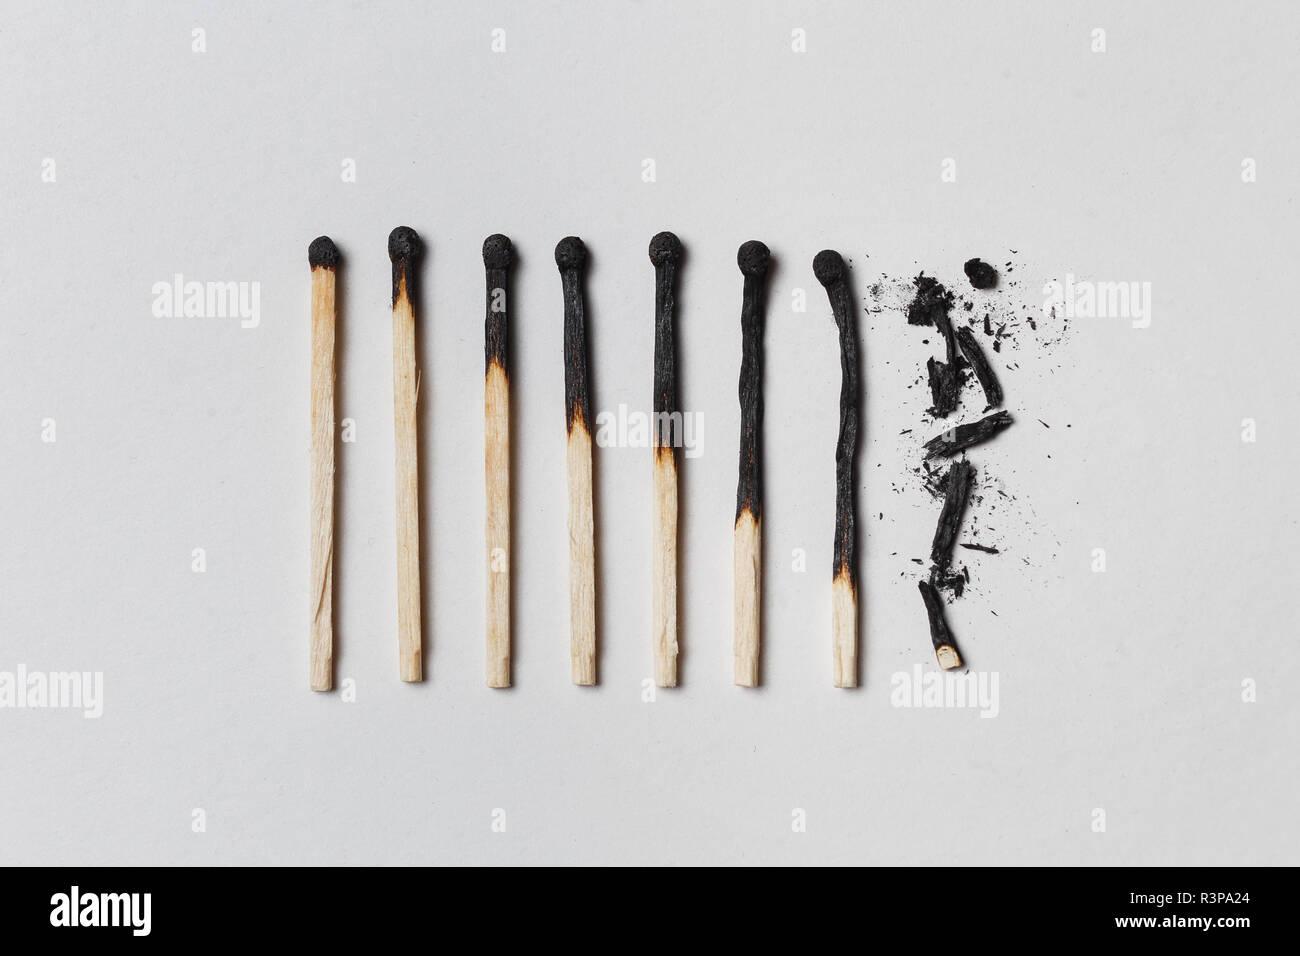 Concetto di pazienza. Una fila di bruciato corrisponde, da sinistra a destra, da quasi tutta una partita per una completamente bruciato corrisponde alla polvere. Sfondo bianco, piatto laici. Immagini Stock